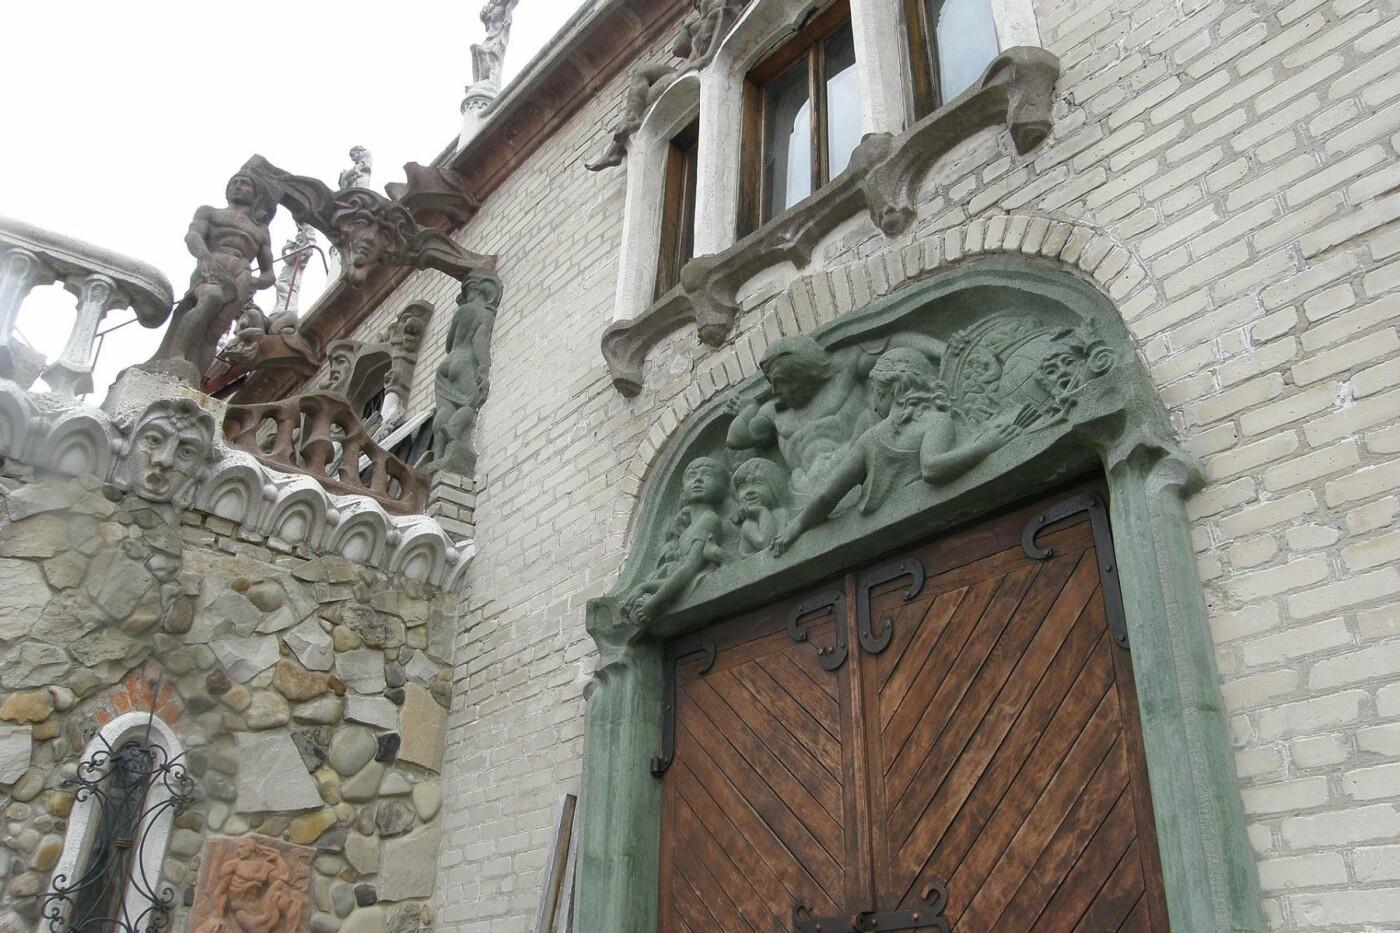 Невероятная Украина. От Луцка до Львова: 9 замков, подземелья и лавра (ФОТО, КАРТА, ЦЕНЫ), фото-8